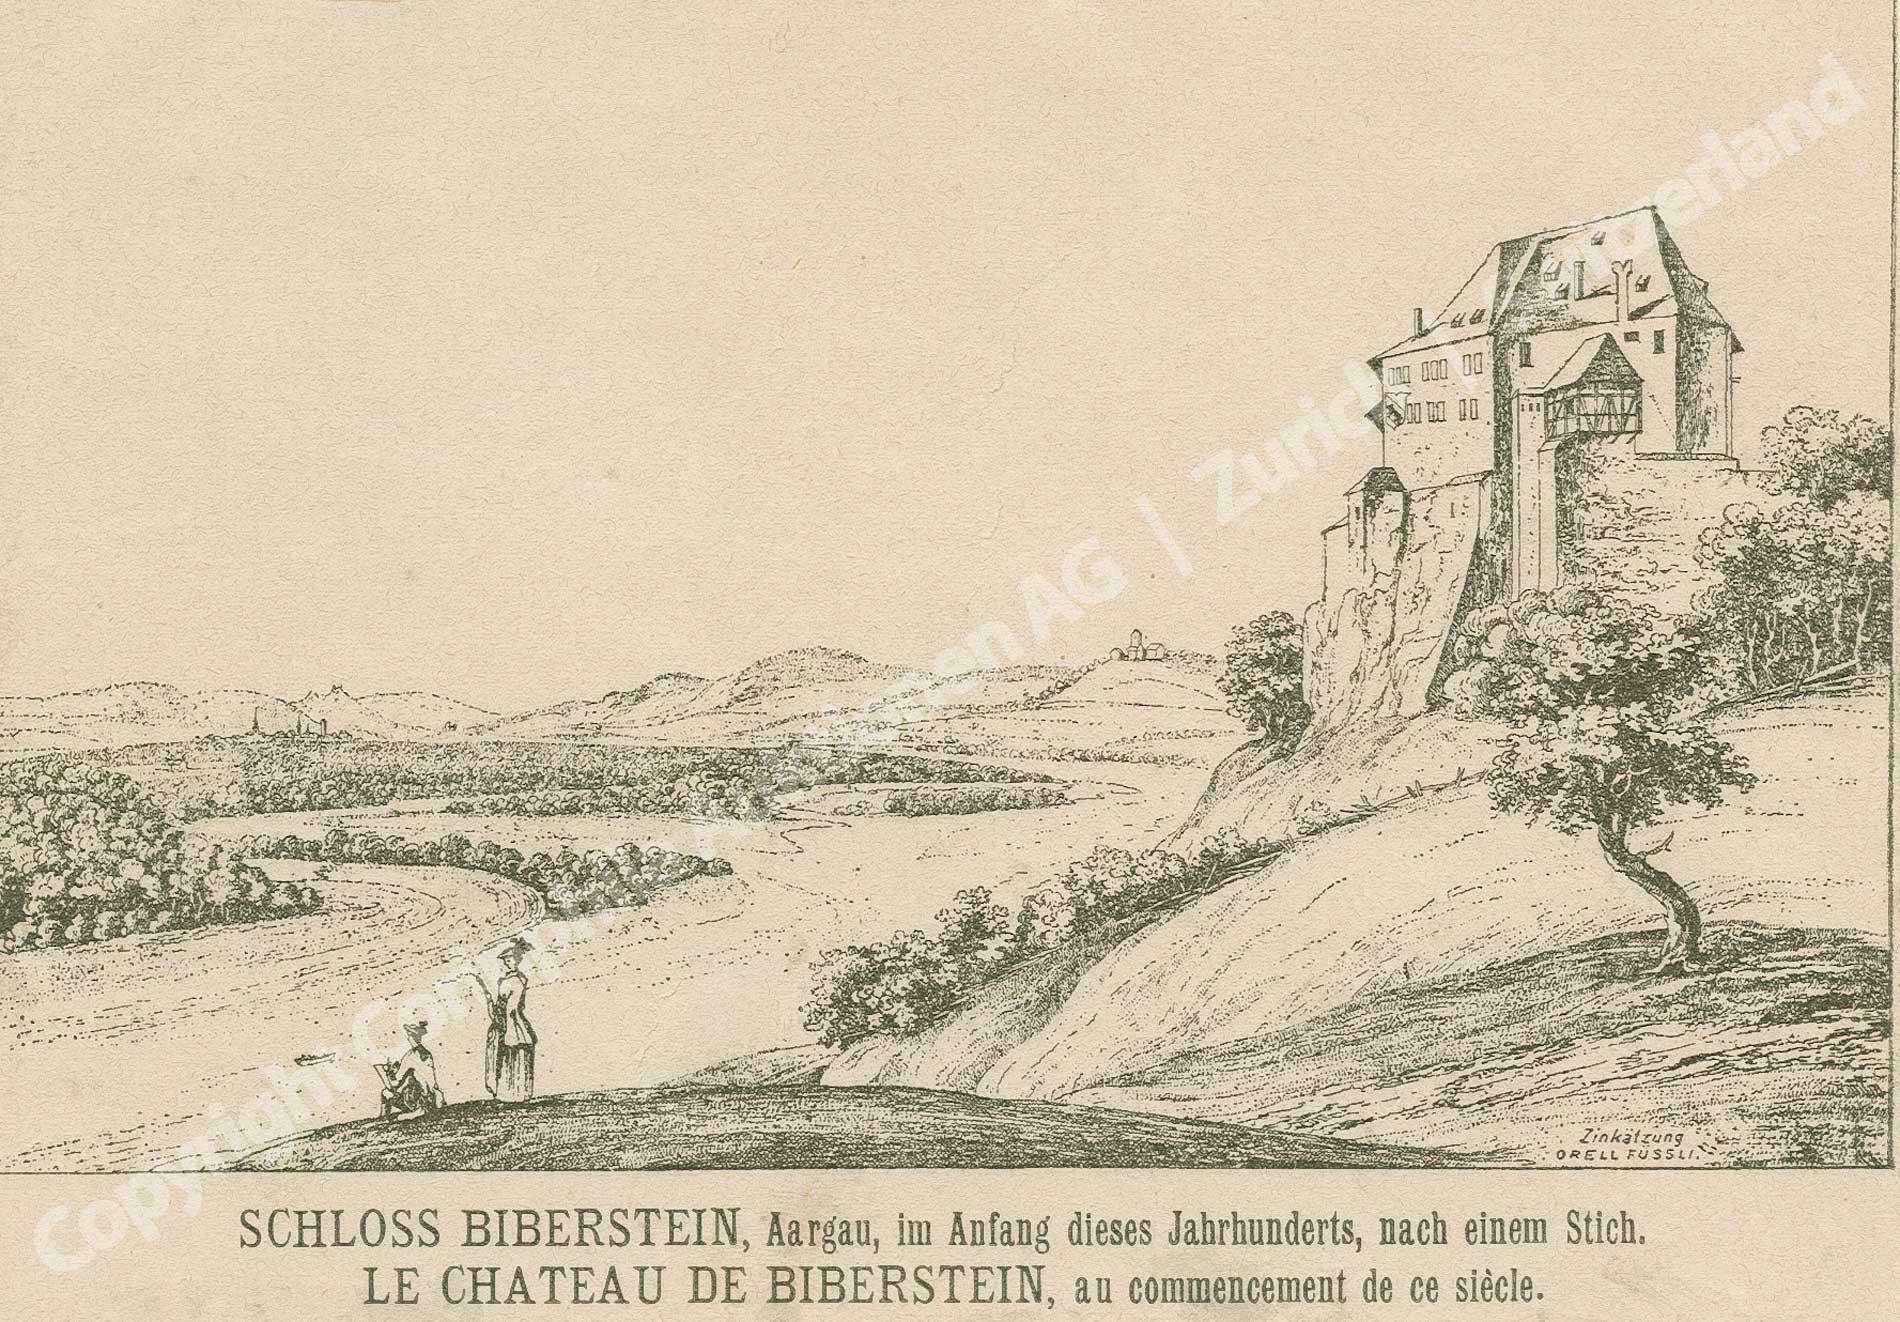 Biberstein